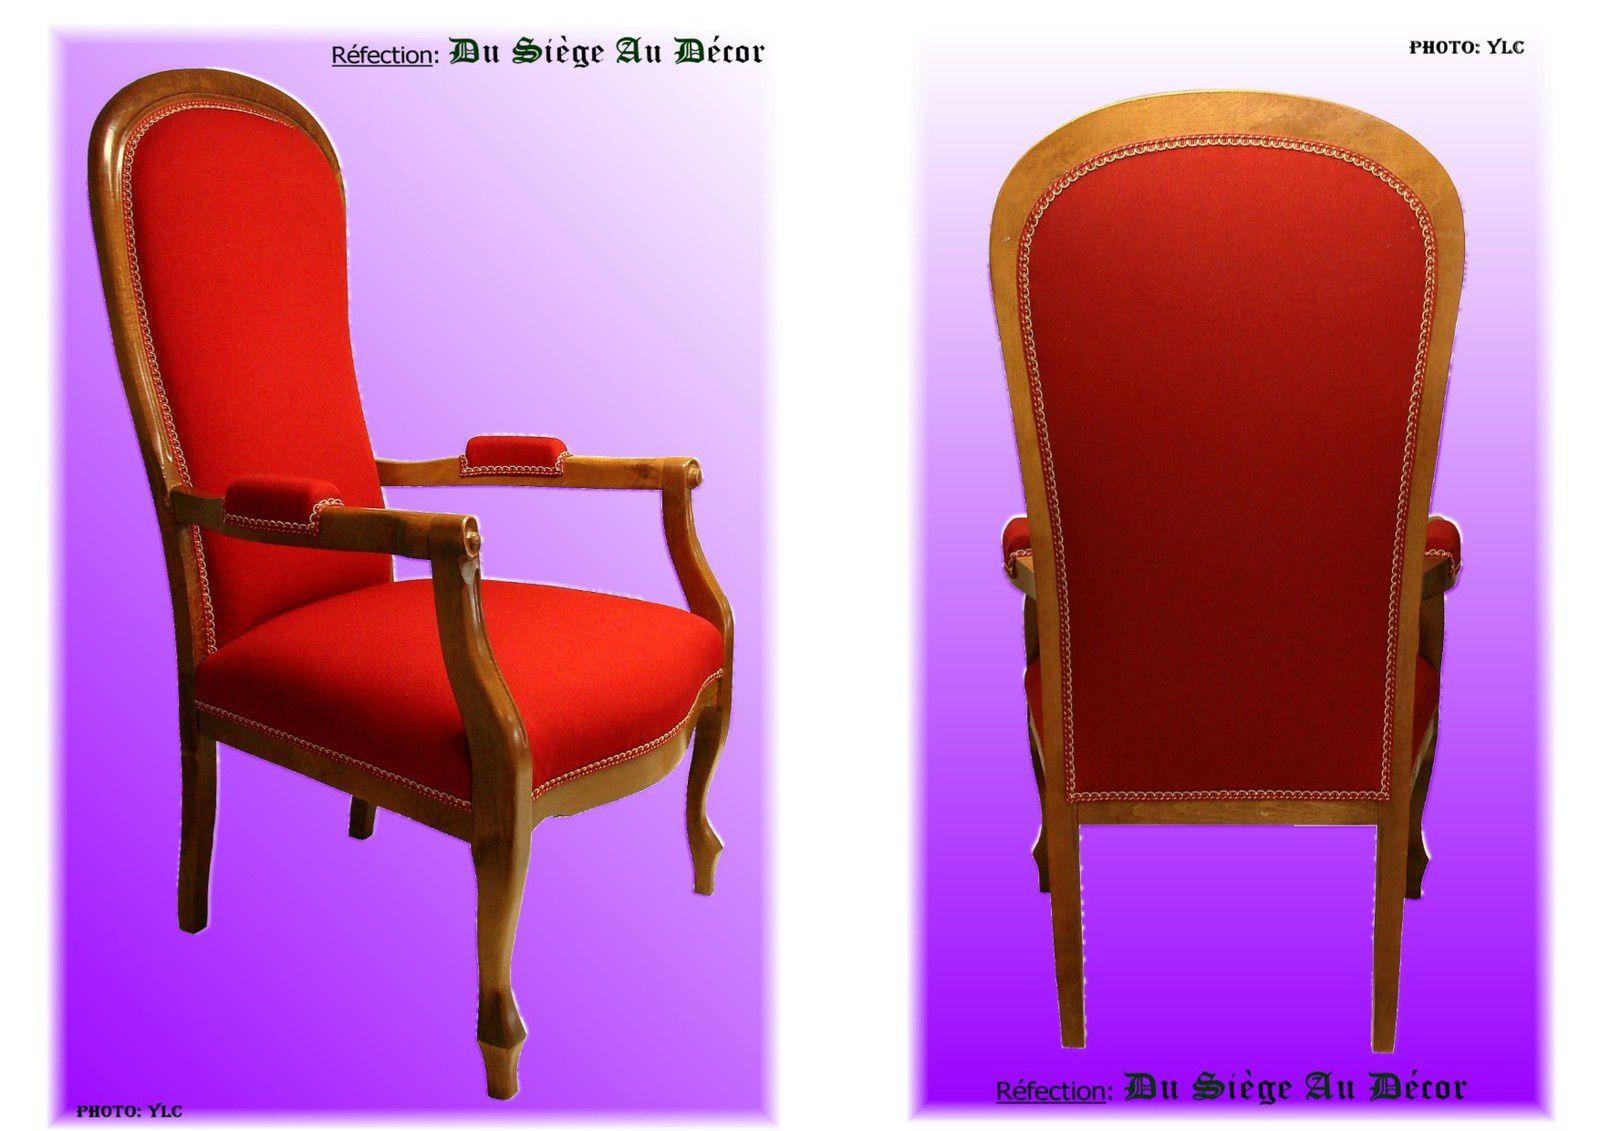 fauteuil voltaire xiii du si ge au d cor tapissier d 39 ameublement du si ge au d cor. Black Bedroom Furniture Sets. Home Design Ideas